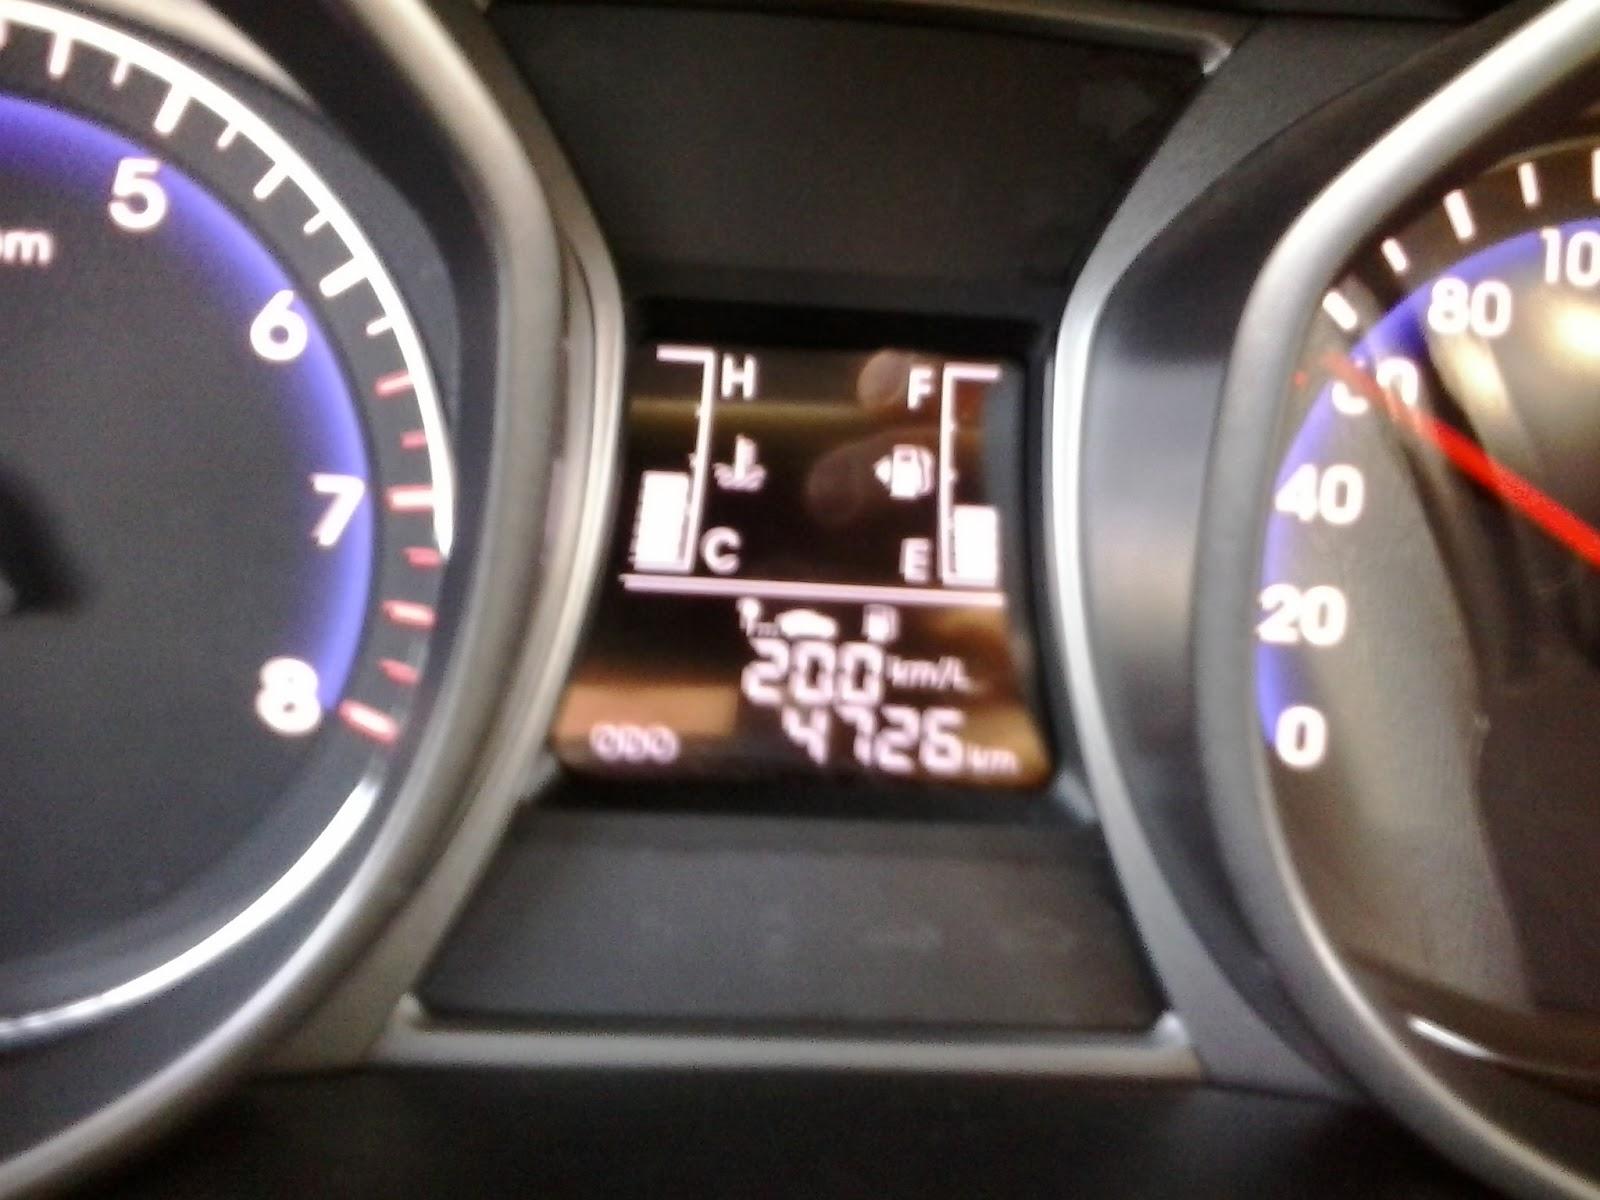 Teste de Consumo do Hyundai HB20 1.0 12V, faz 20,0 km/l na cidade com ar condicionado ligado